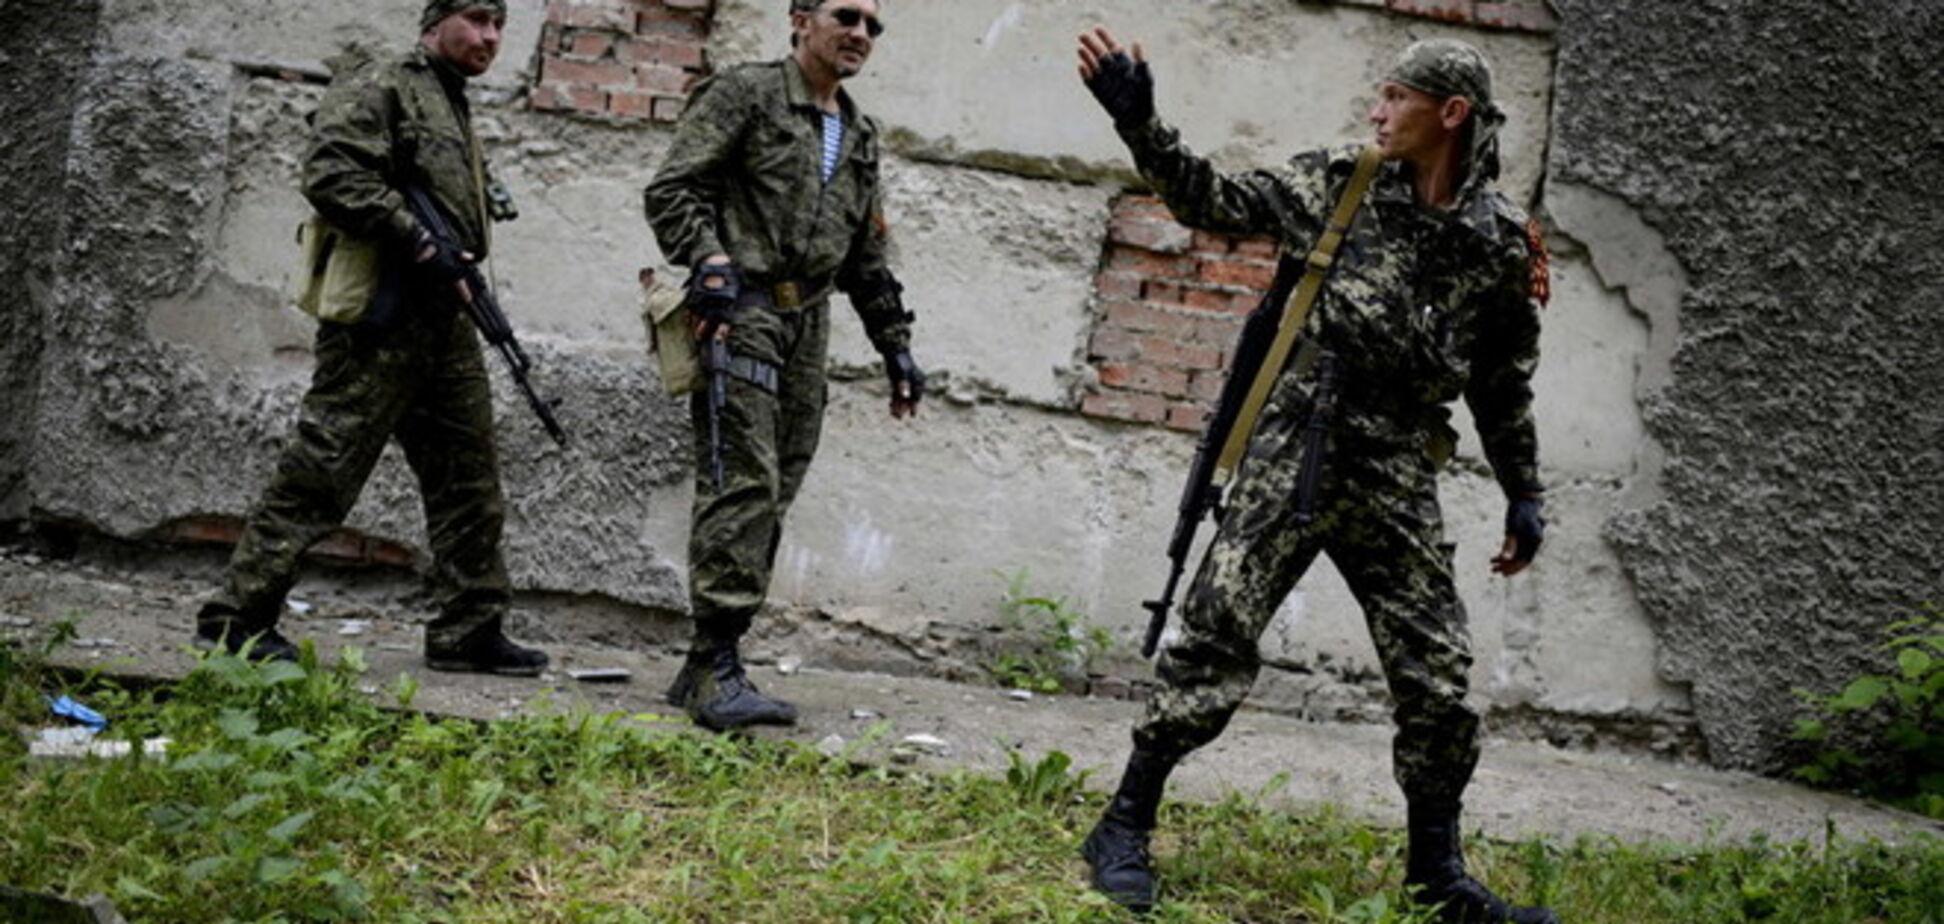 Экс-министр обороны: границу Украины пересекло 900 вооруженных террористов